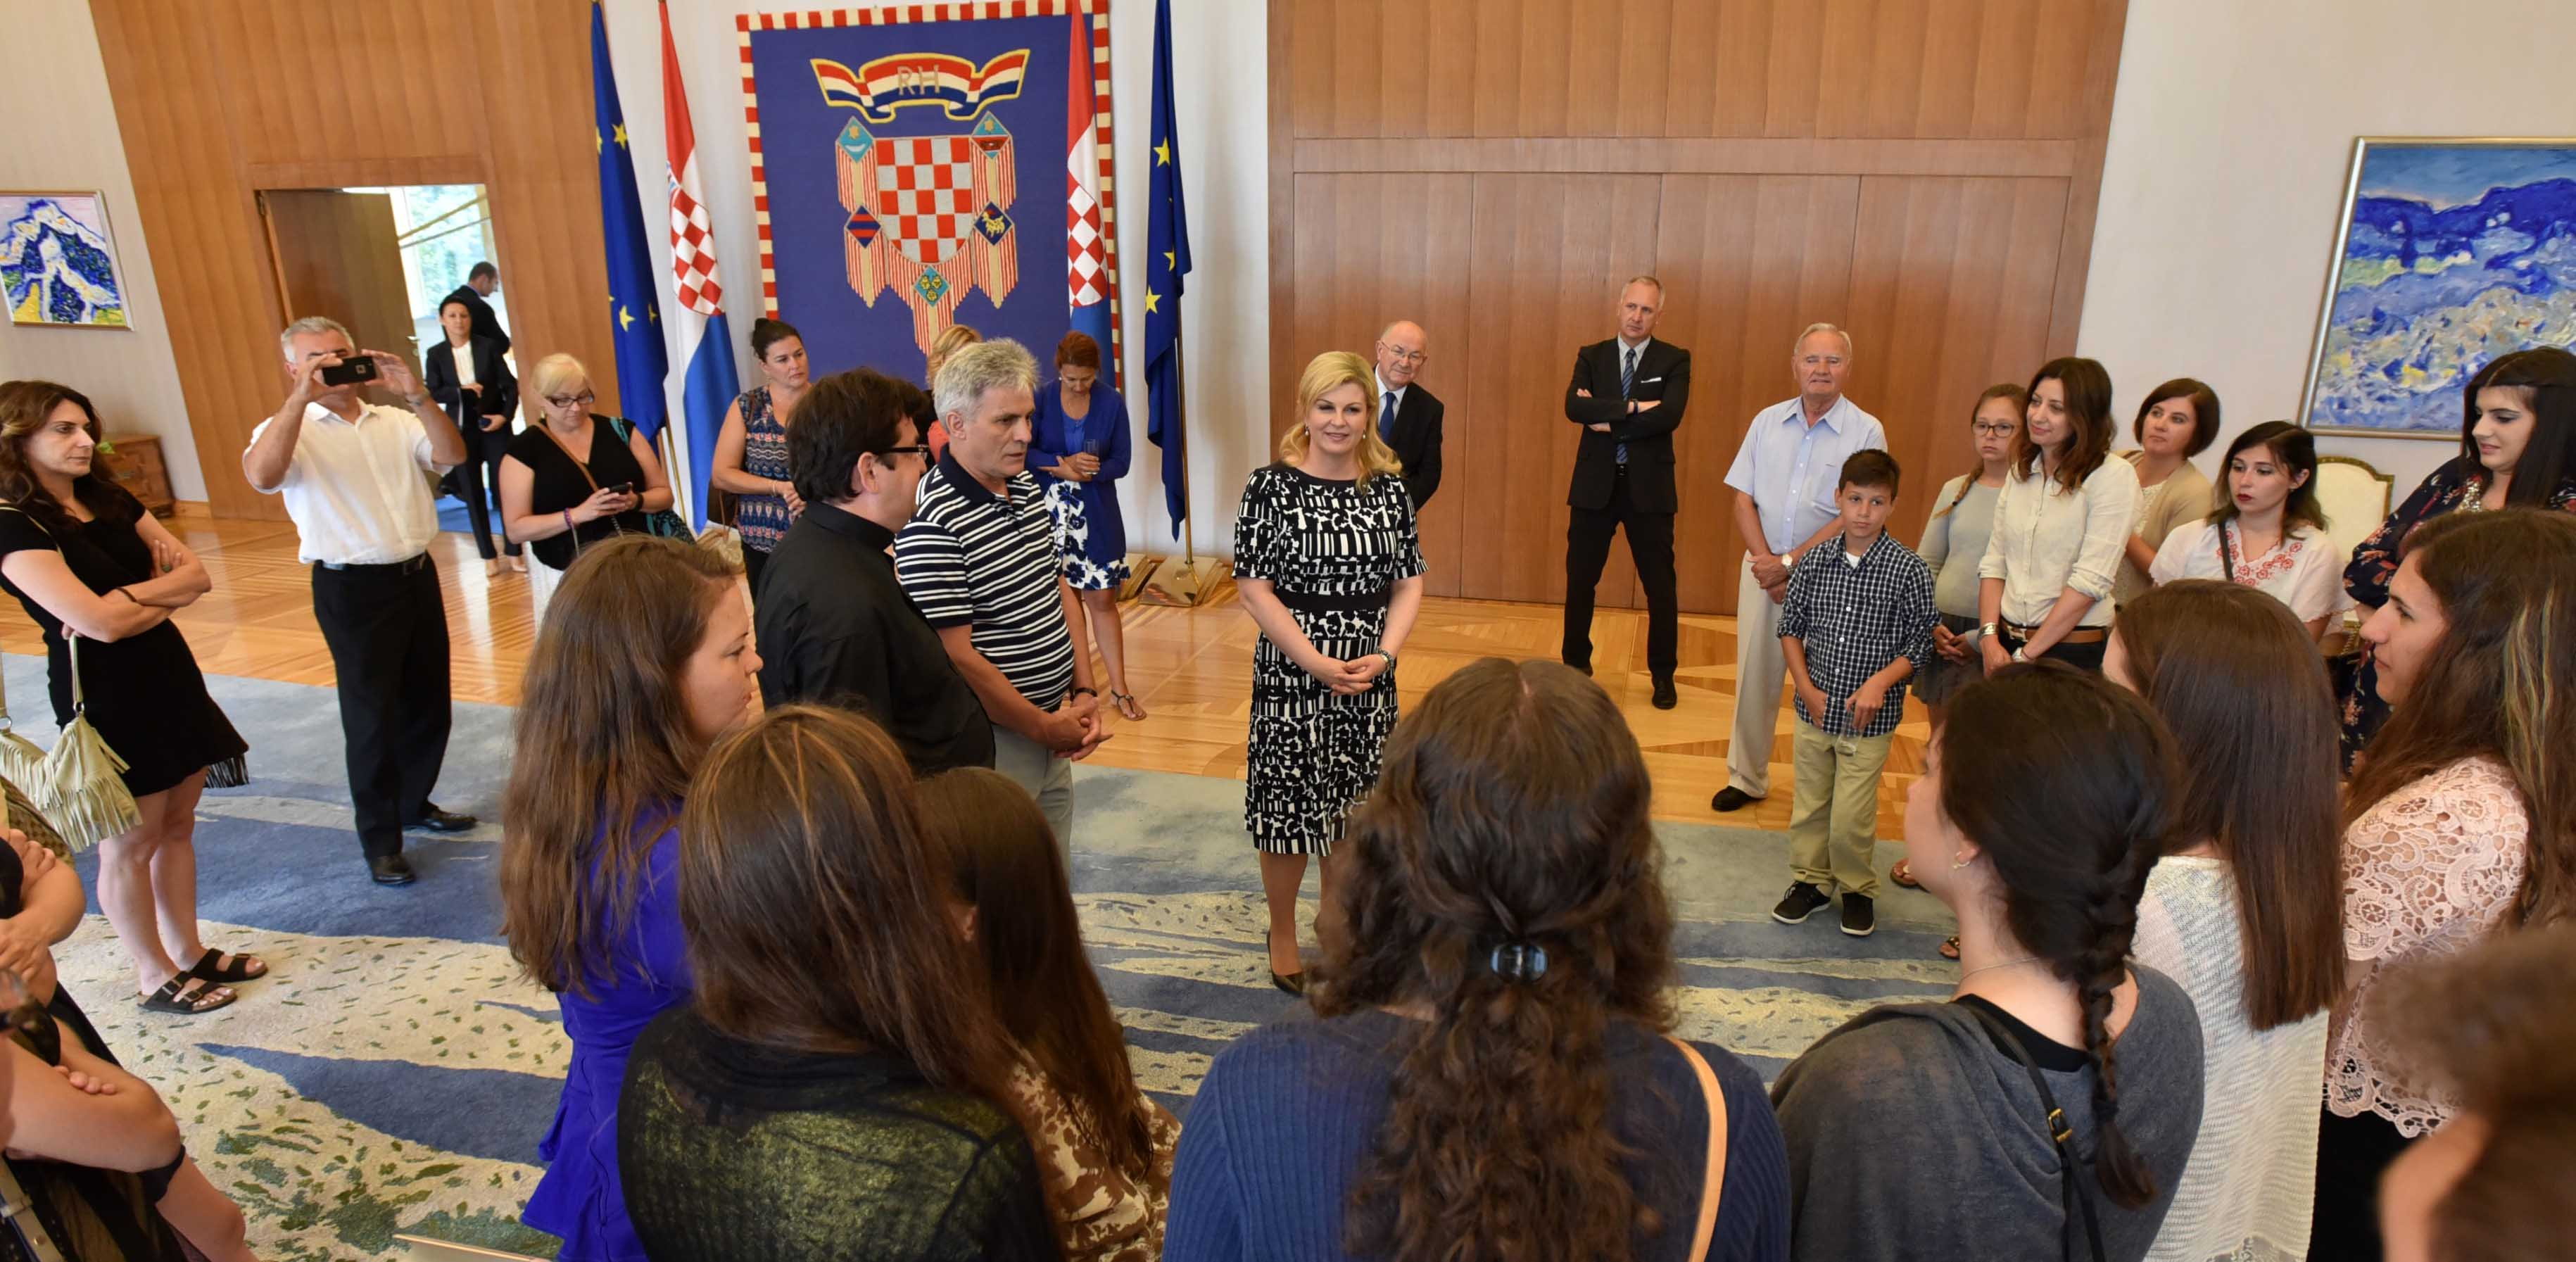 Predsjednica primila učenike Hrvatske škole iz Chicaga